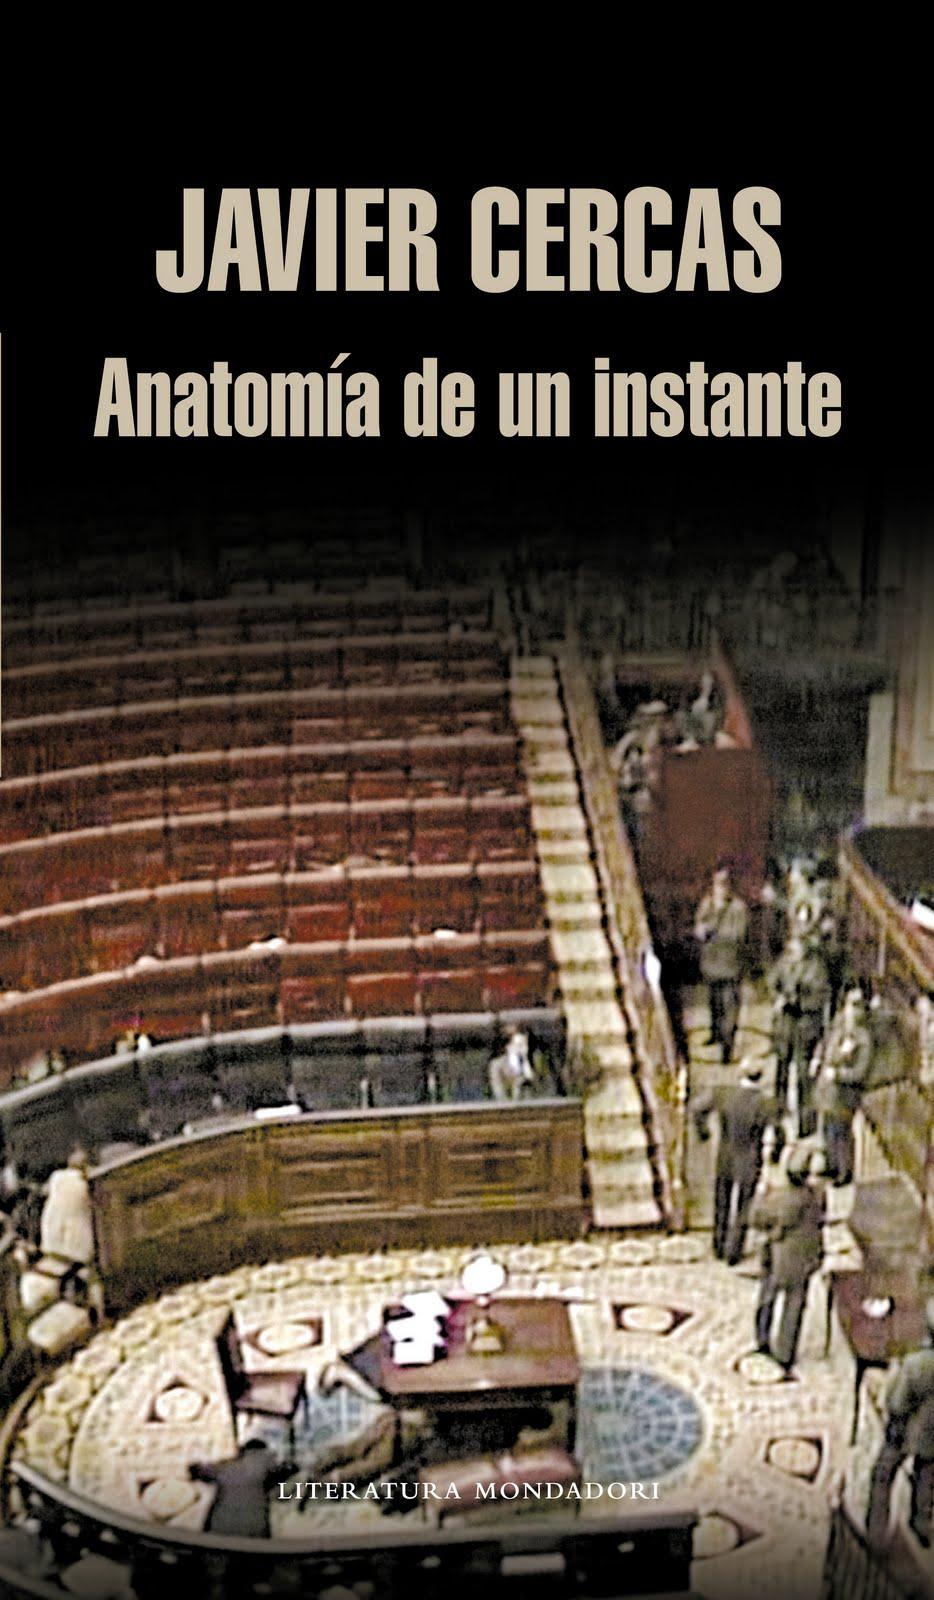 La Tormenta en un Vaso: Anatomía de un instante, Javier Cercas